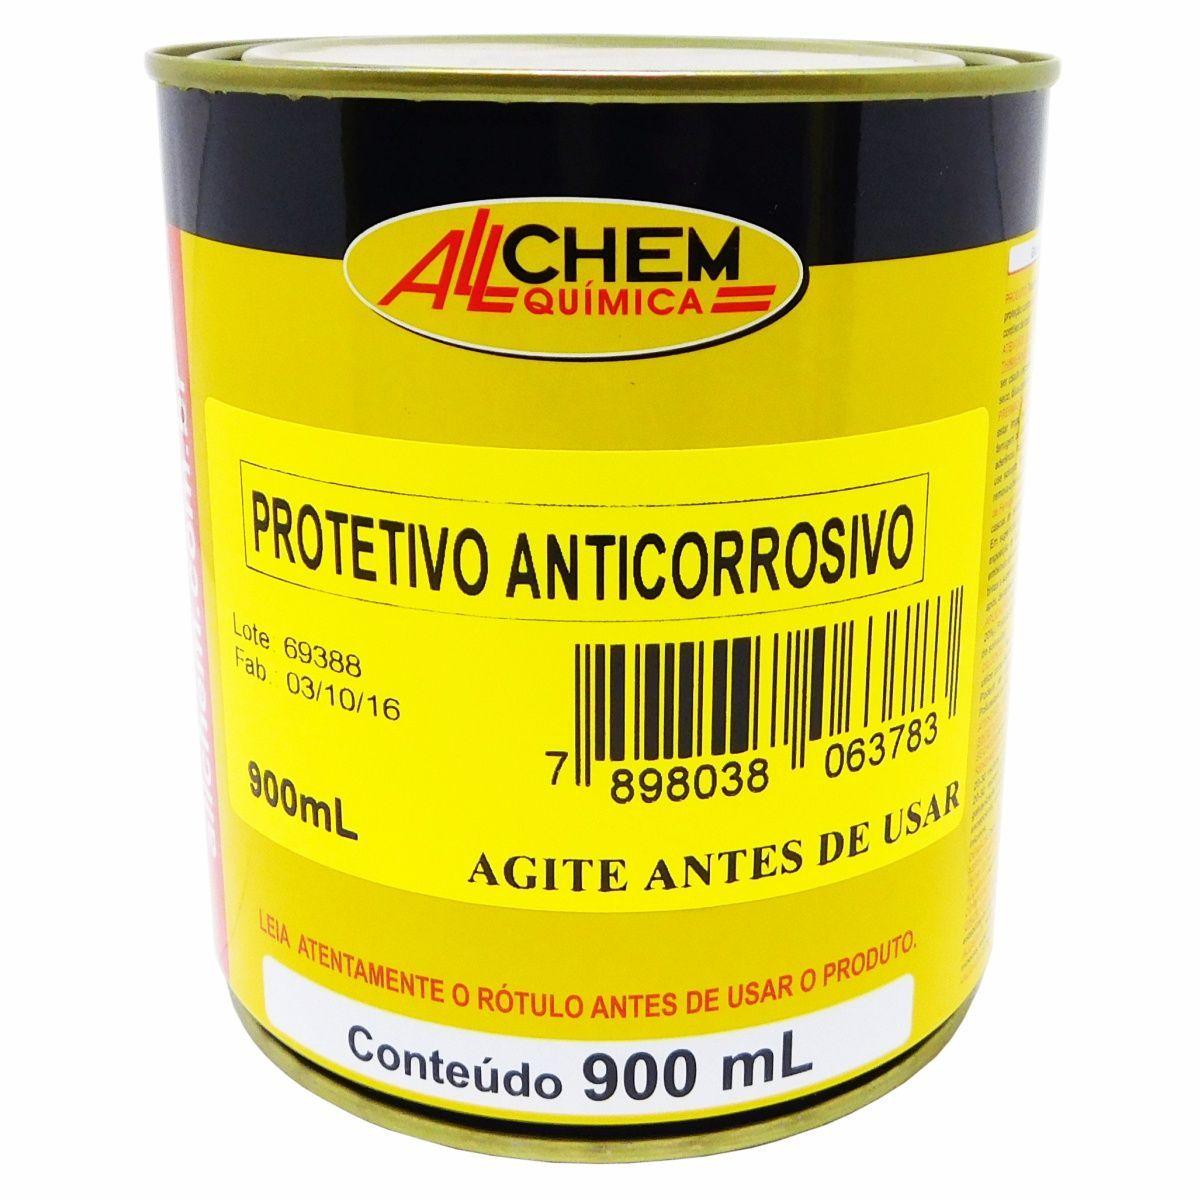 Protetivo Anticorrosivo 4x900 mL